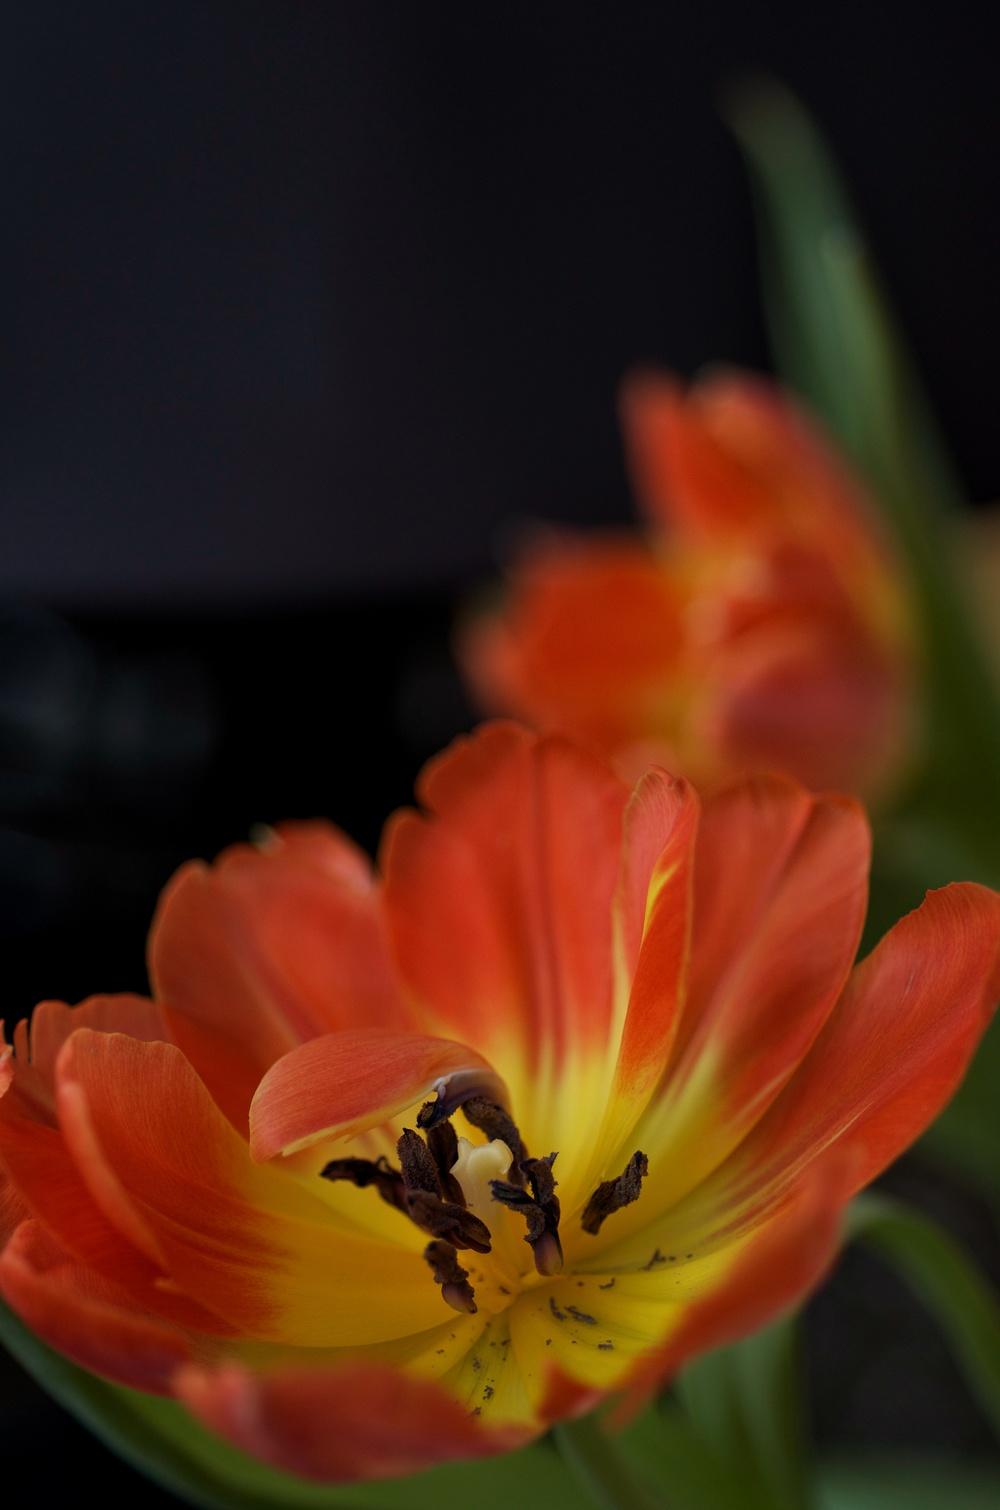 tulipbowl.jpg